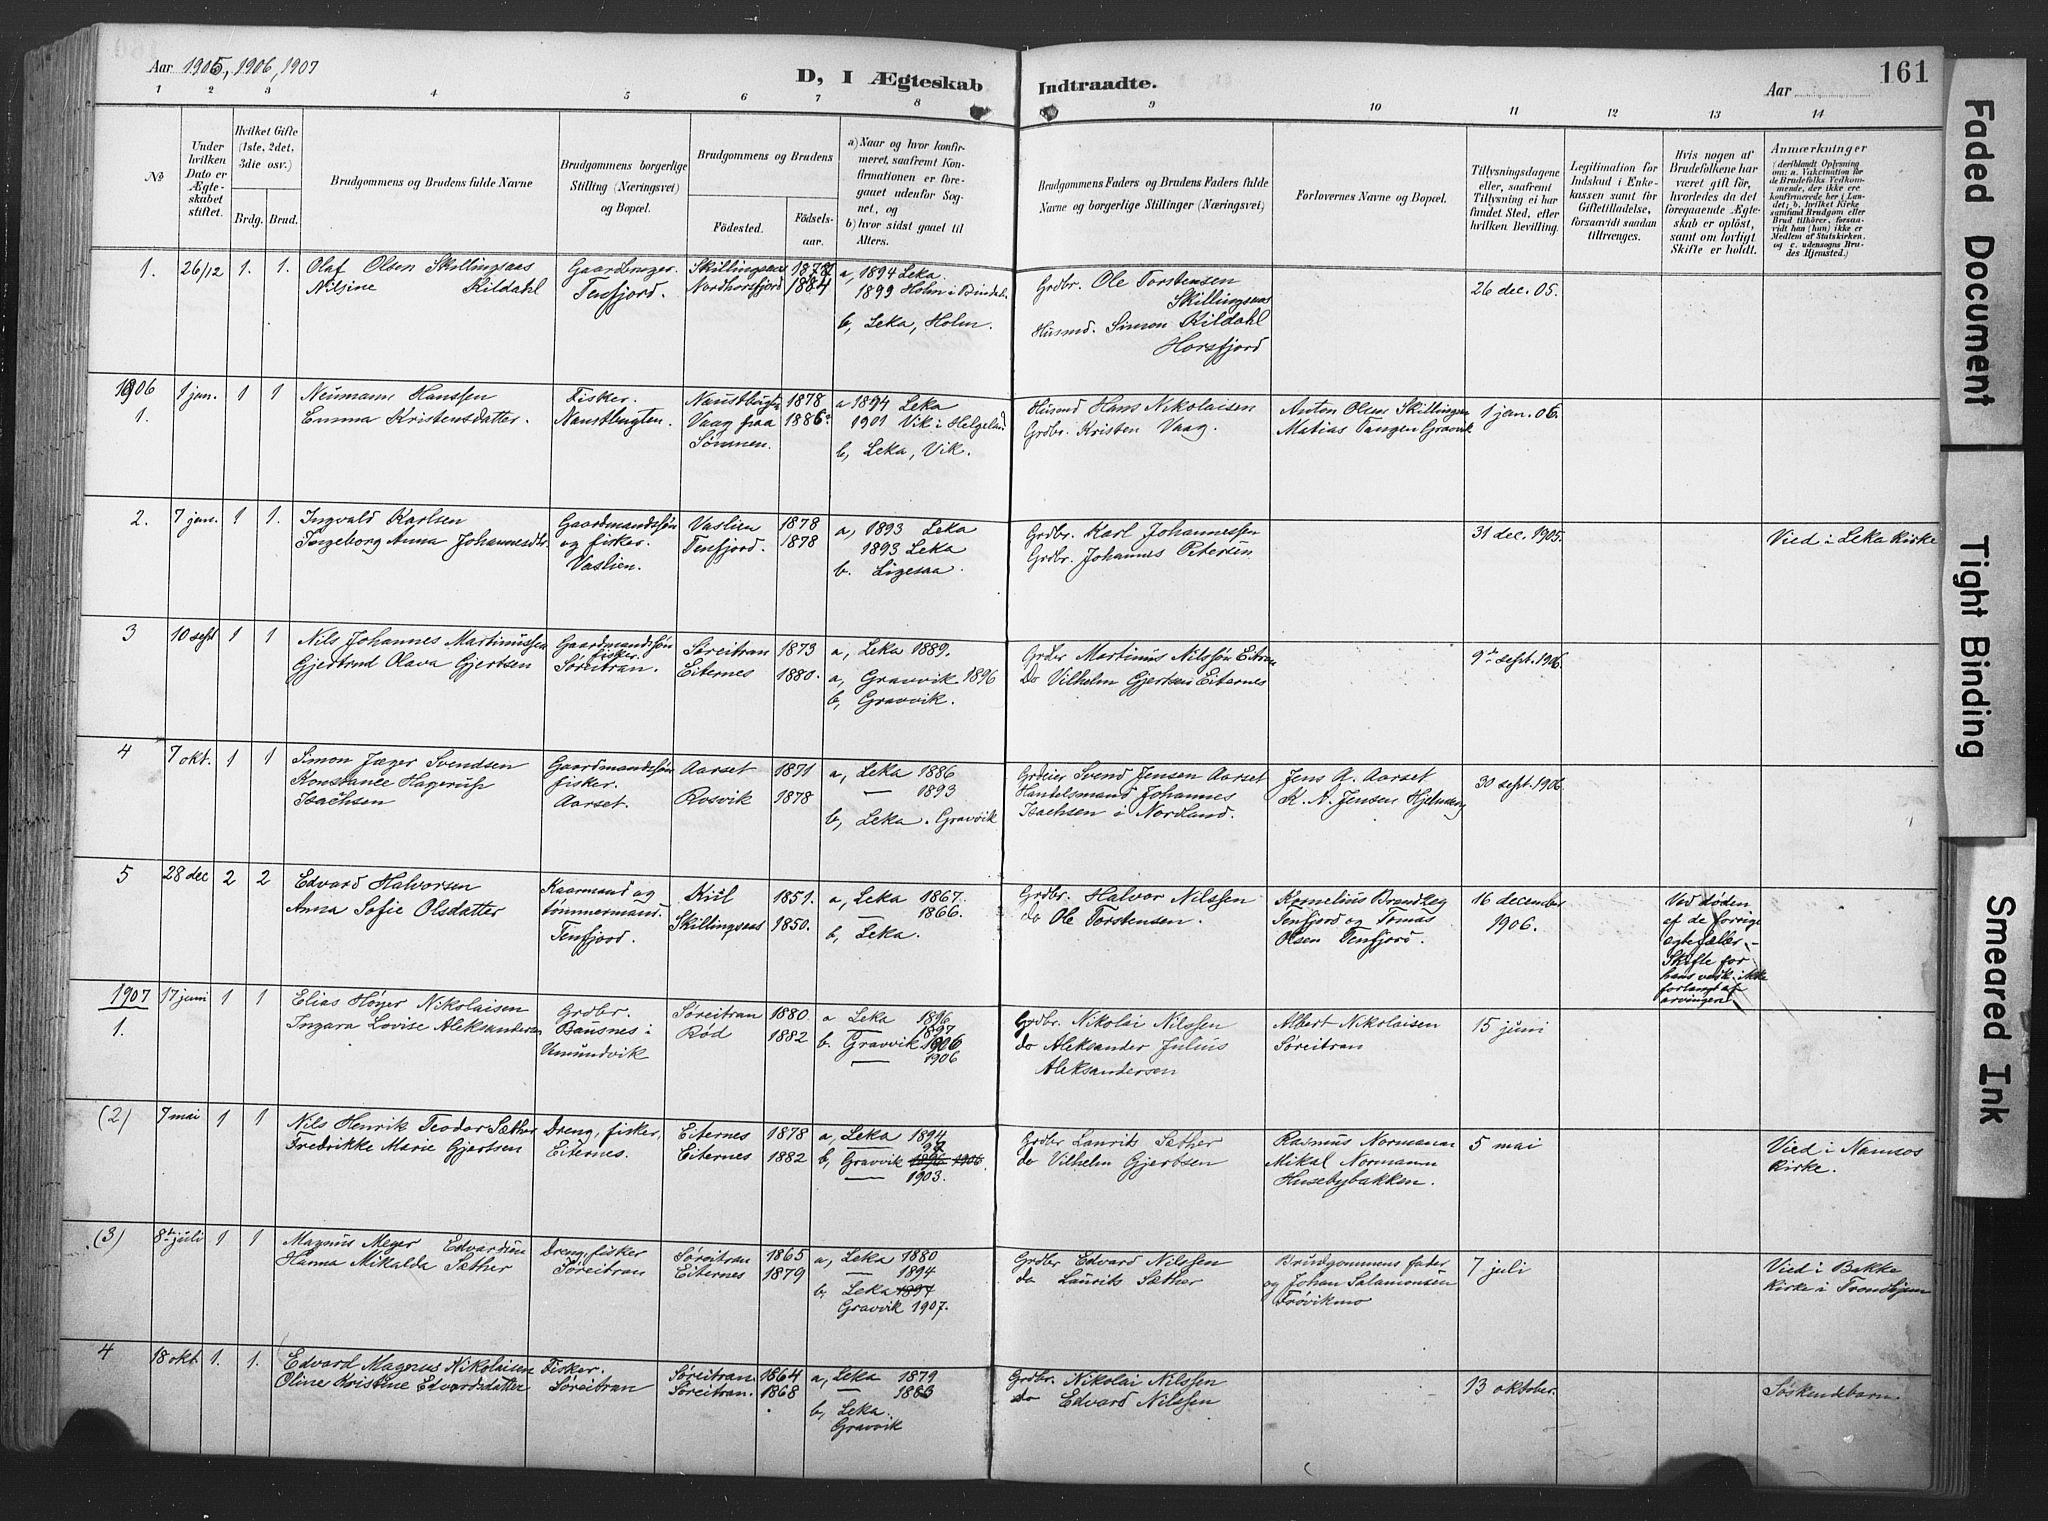 SAT, Ministerialprotokoller, klokkerbøker og fødselsregistre - Nord-Trøndelag, 789/L0706: Klokkerbok nr. 789C01, 1888-1931, s. 161